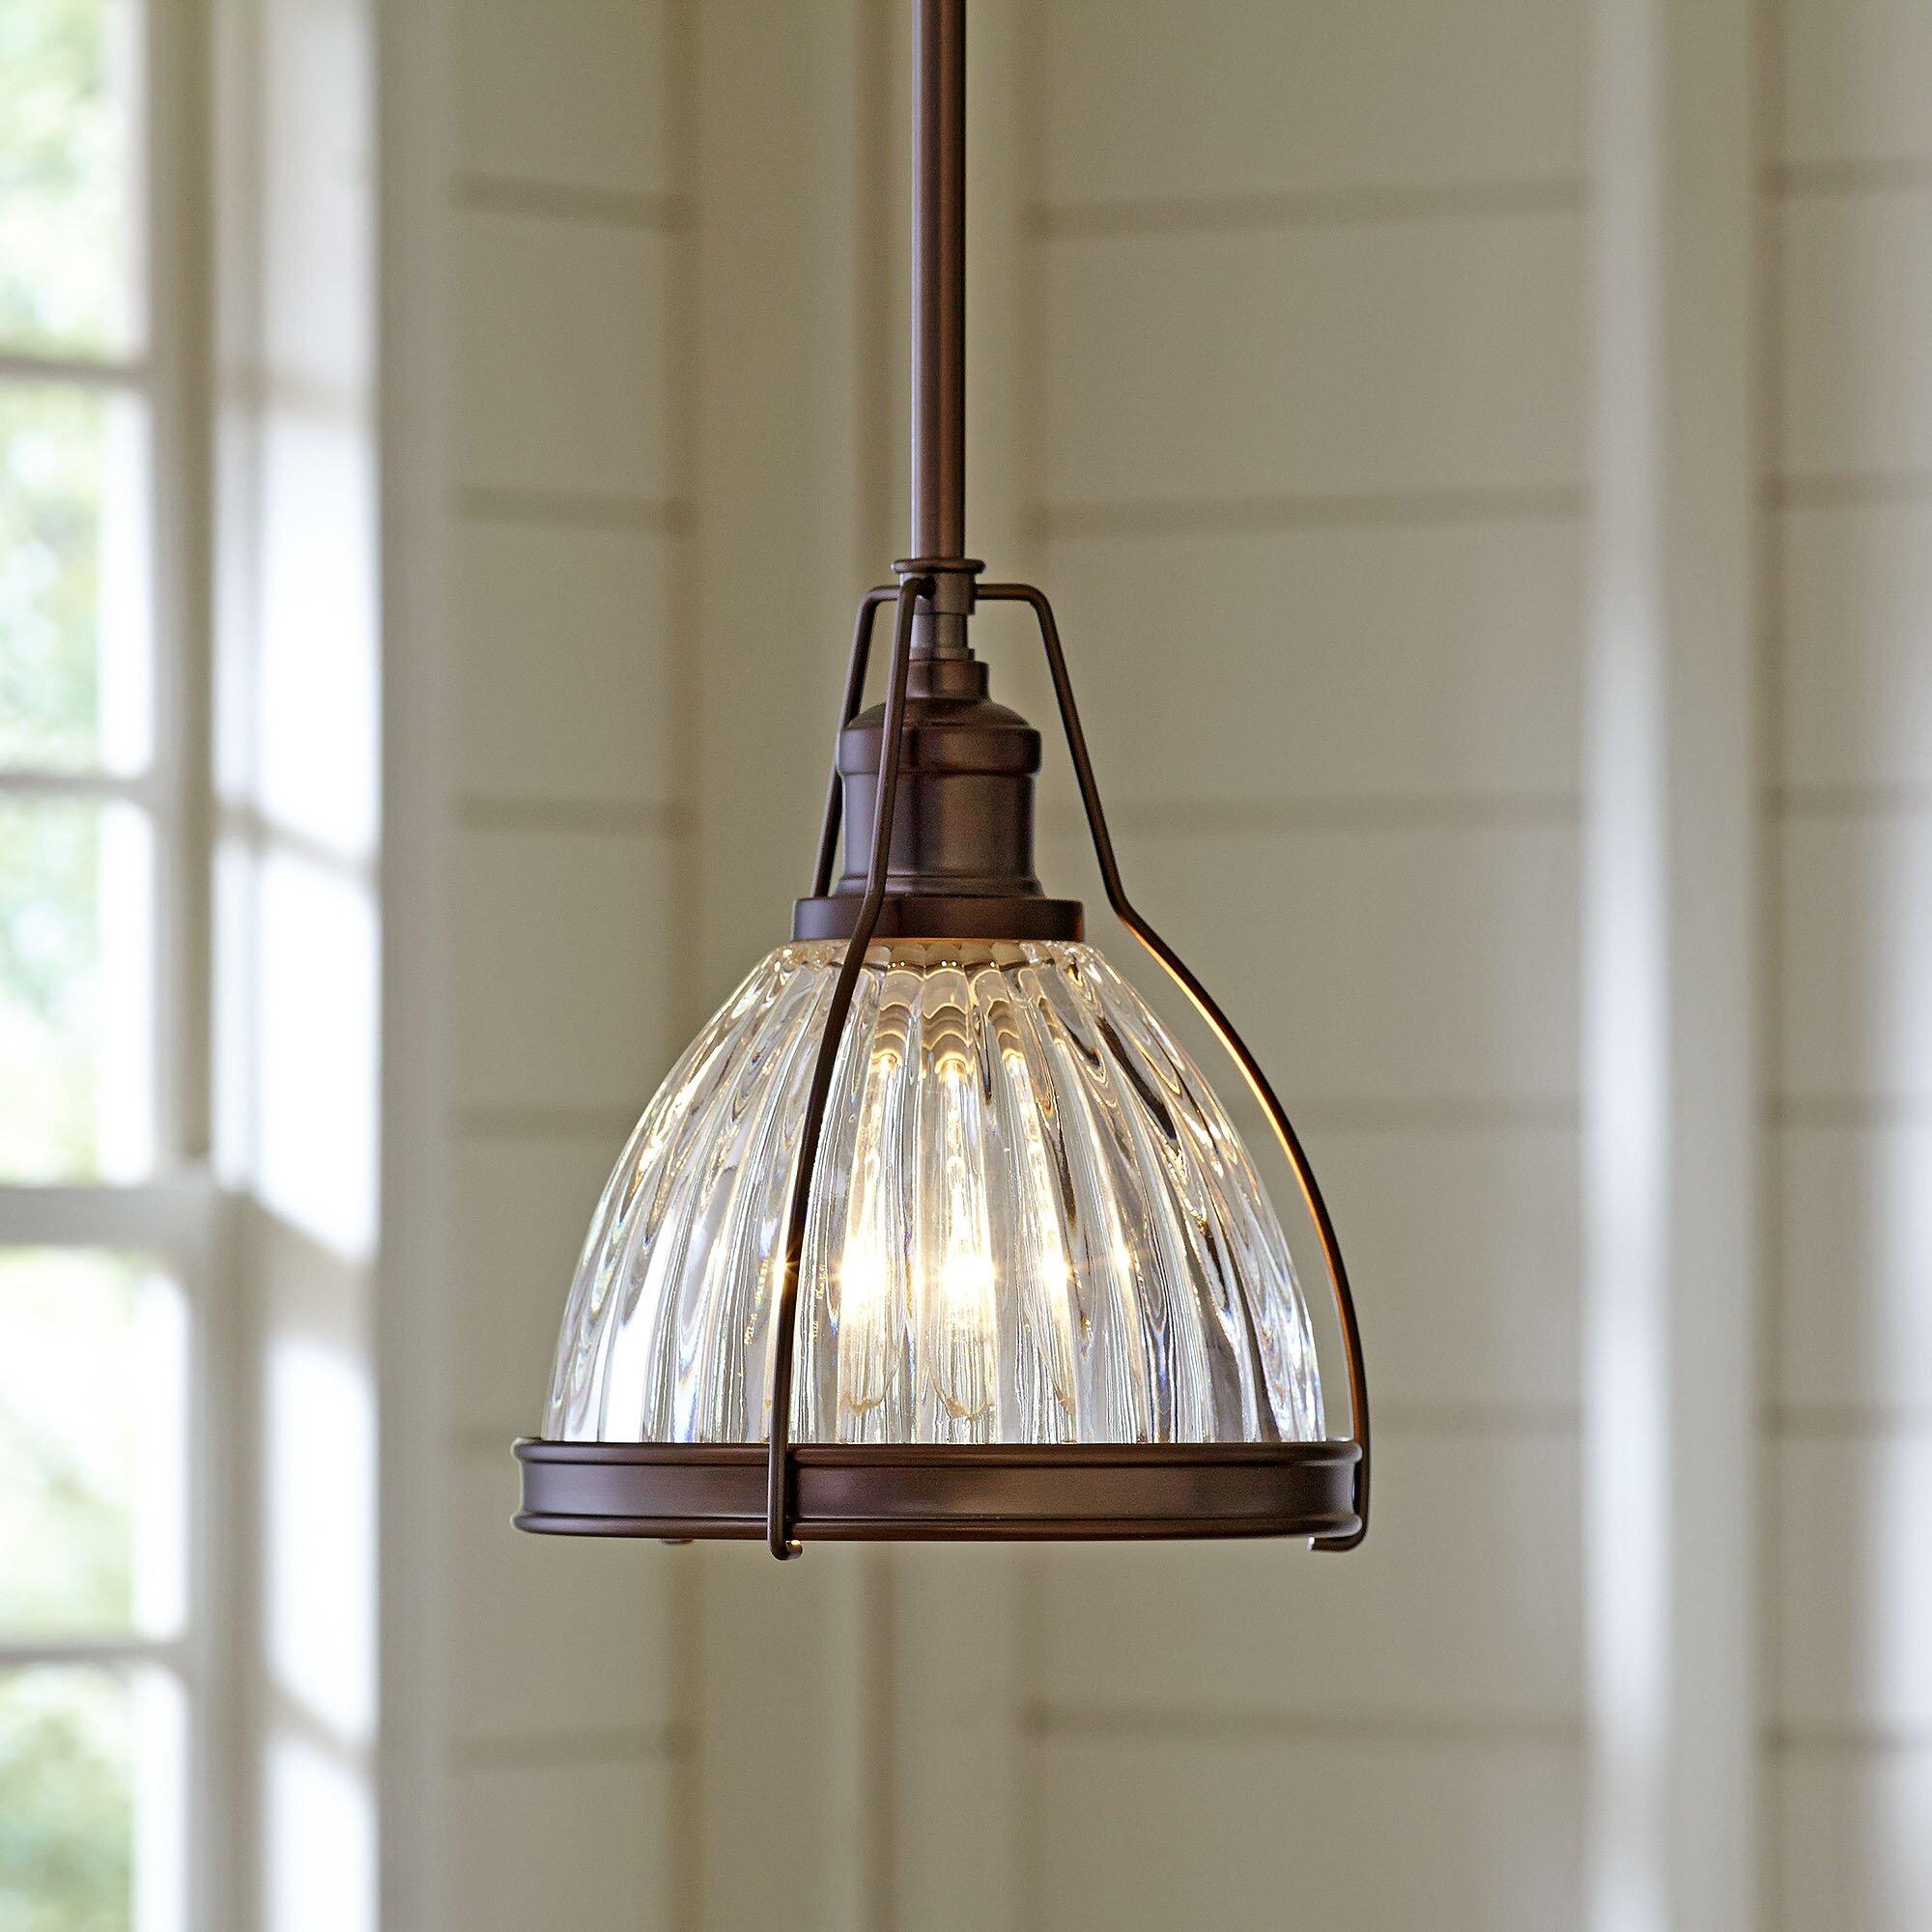 Farmhouse pendant lighting - Farmhouse Pendant Lighting 29